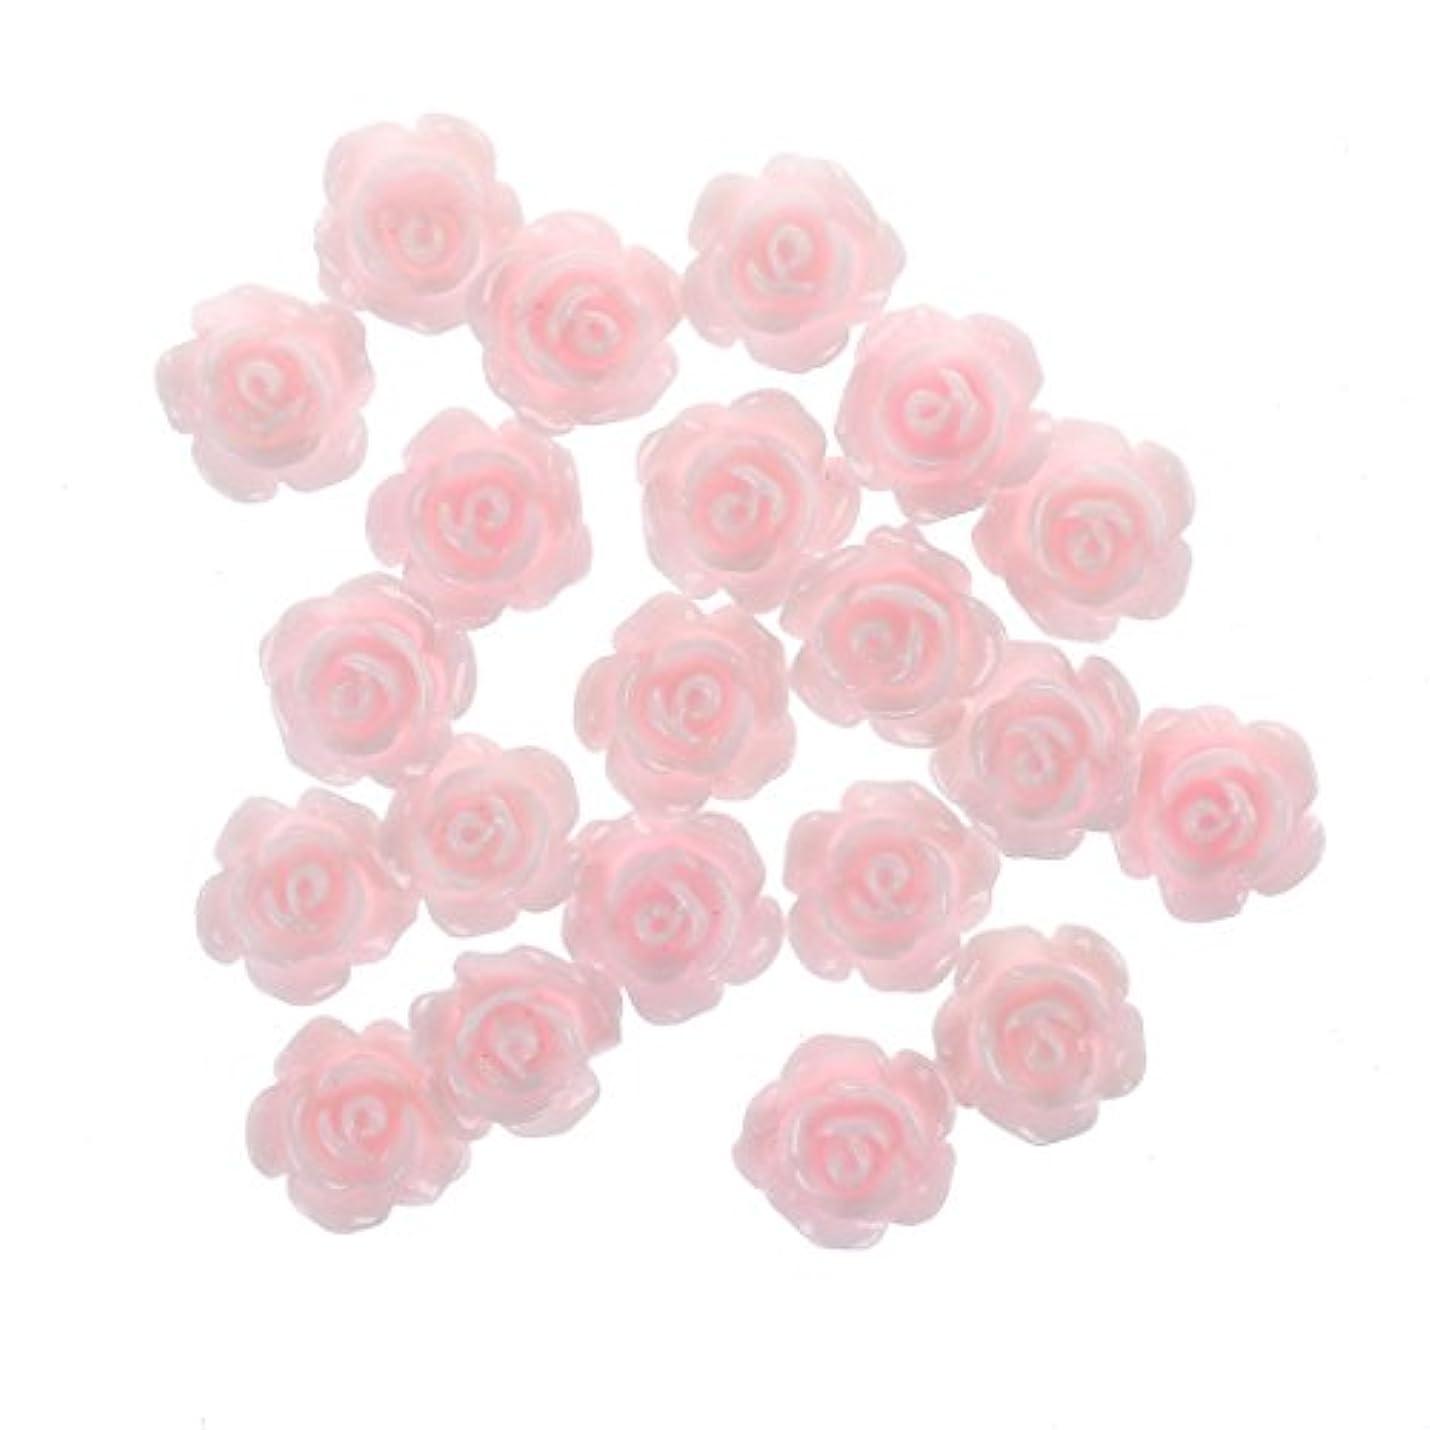 多用途崇拝しますにんじんネイルアート,SODIAL(R)20x3Dピンクの小さいバラ ラインストーン付きネイルアート装飾